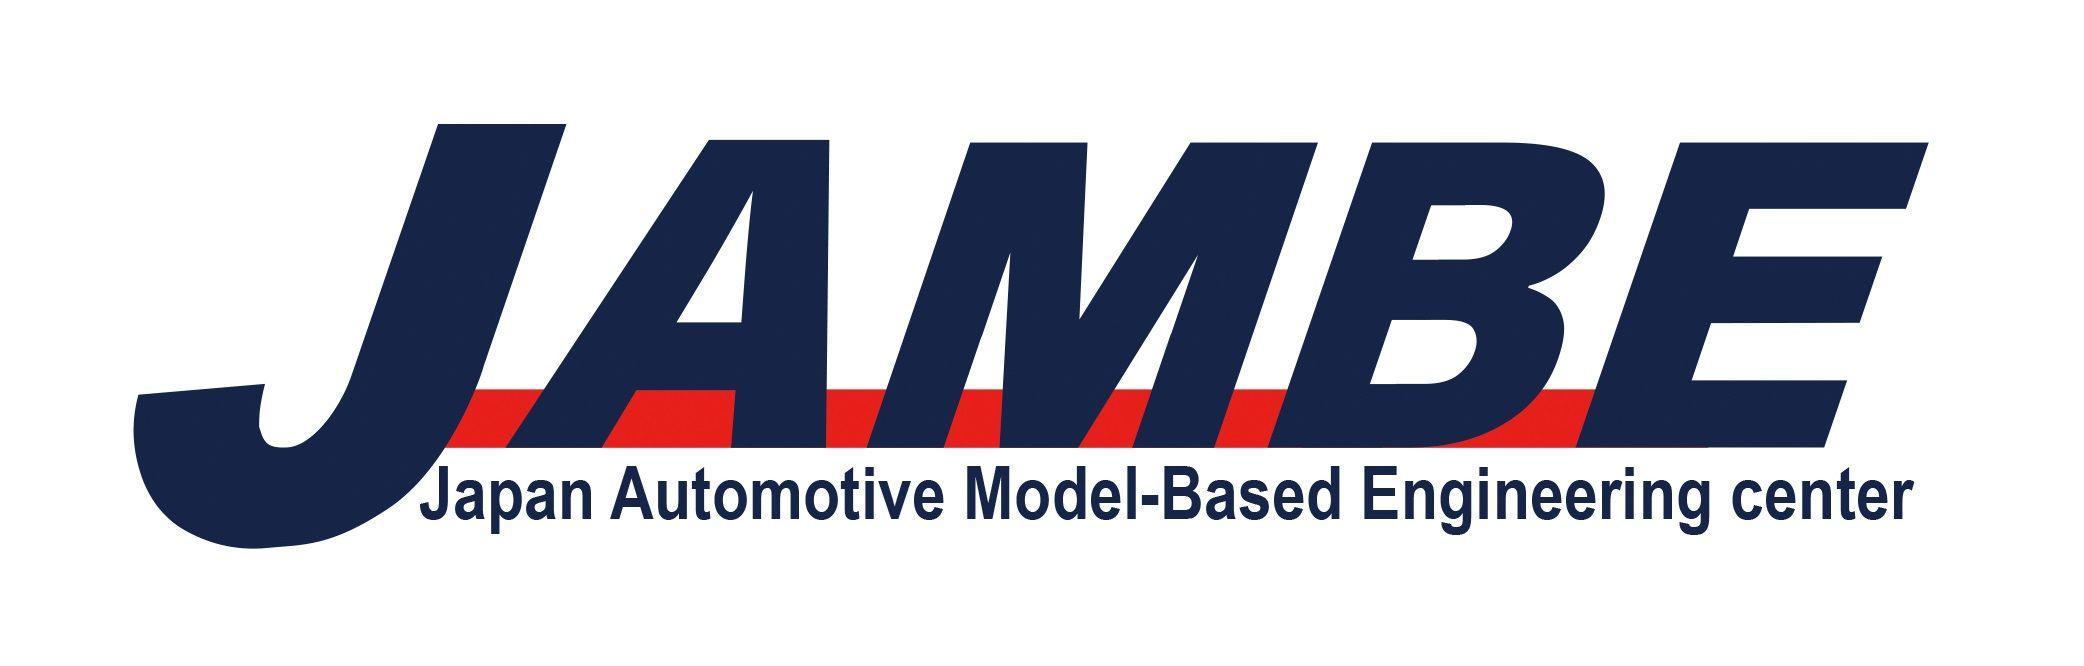 自動車メーカー・サプライヤー10社、「MBD推進センター」発足 モデルベース開発の普及拡大へ ルール標準化で国際競争力を強化